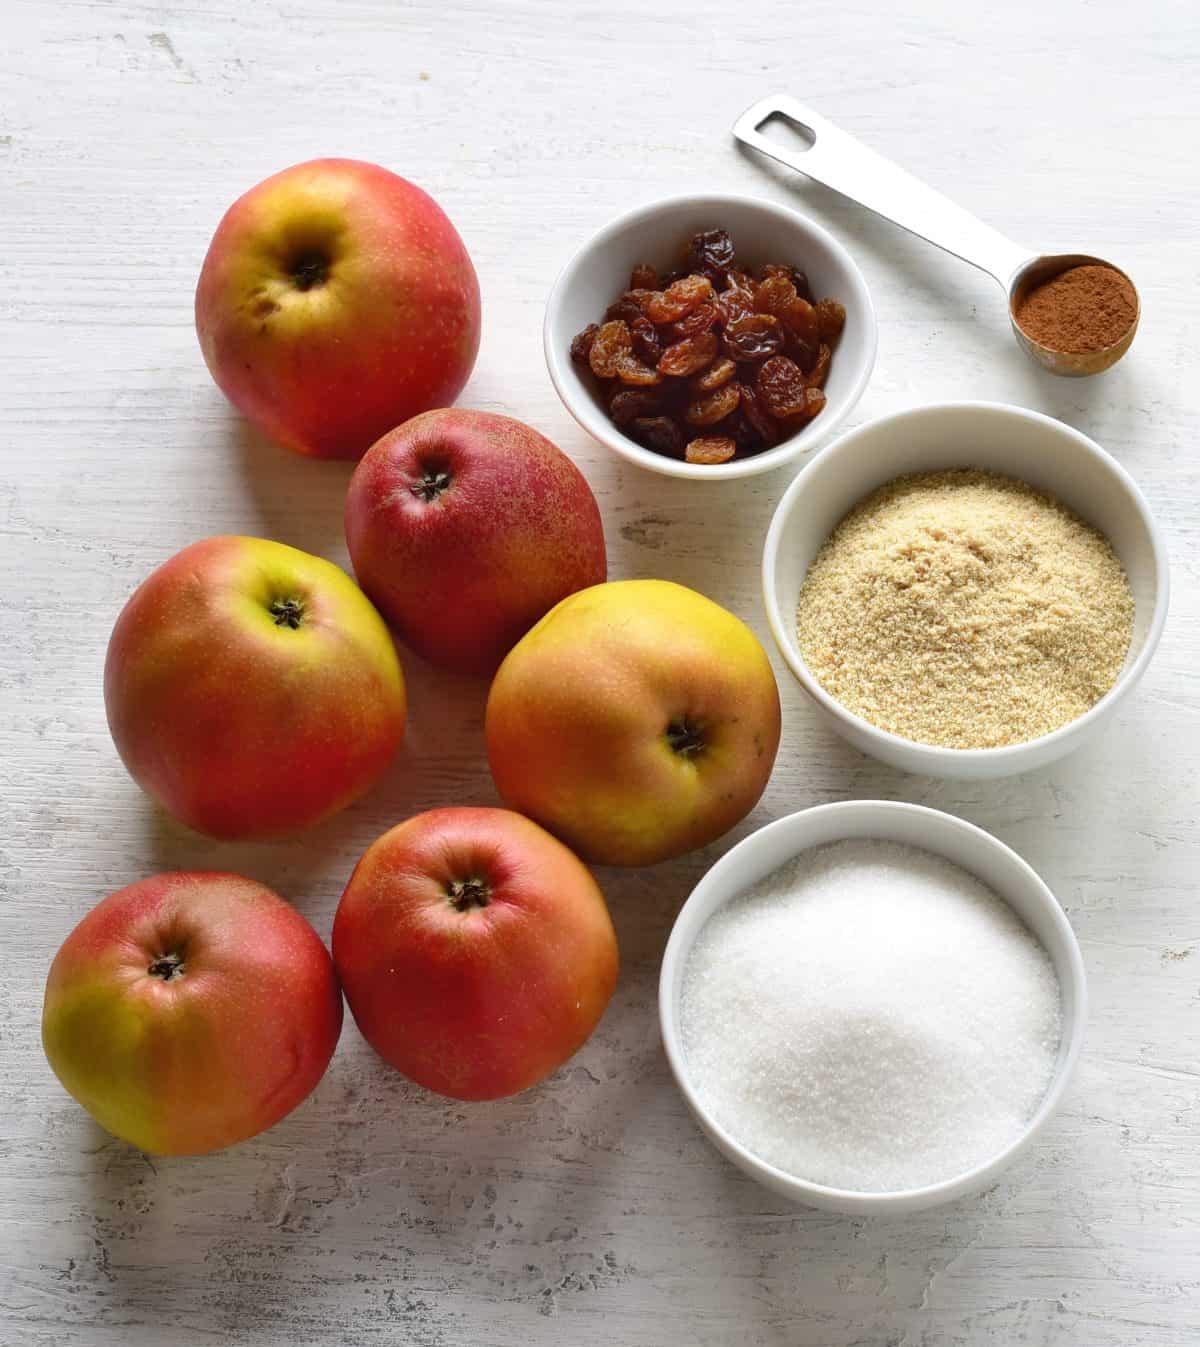 ingredients for apple filling - strudel